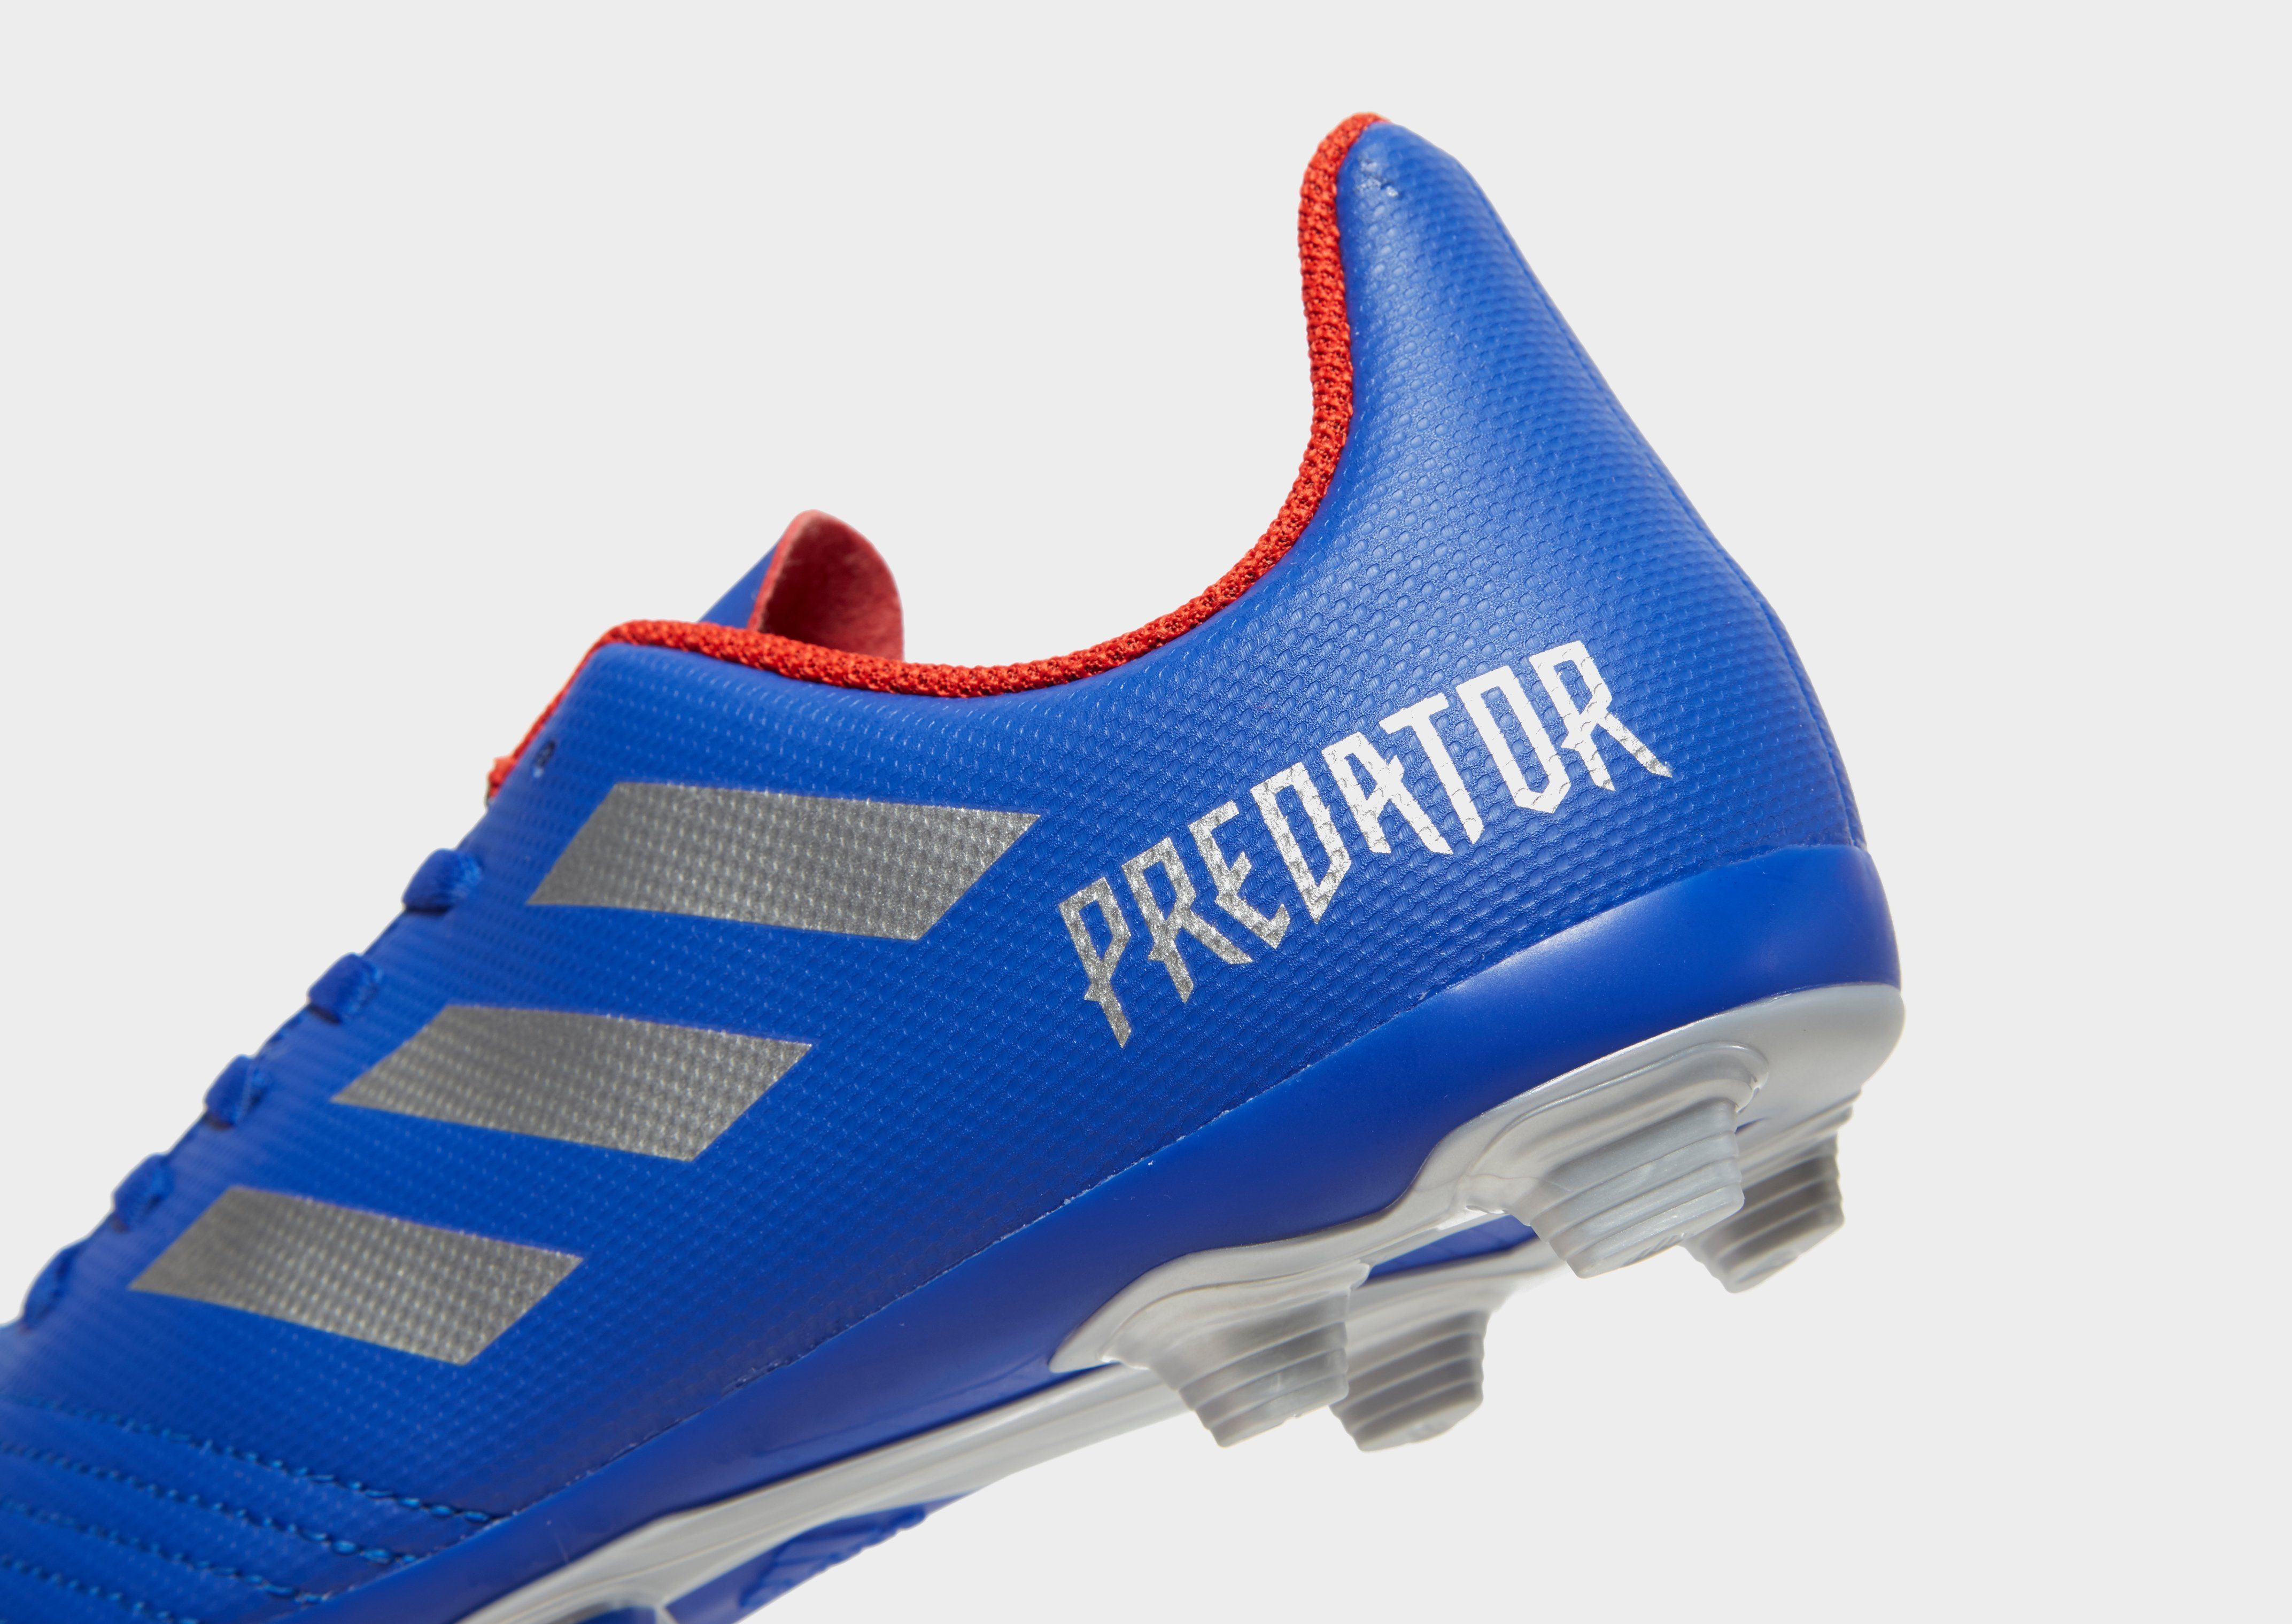 adidas Exhibit Predator 19.4 FG Junior